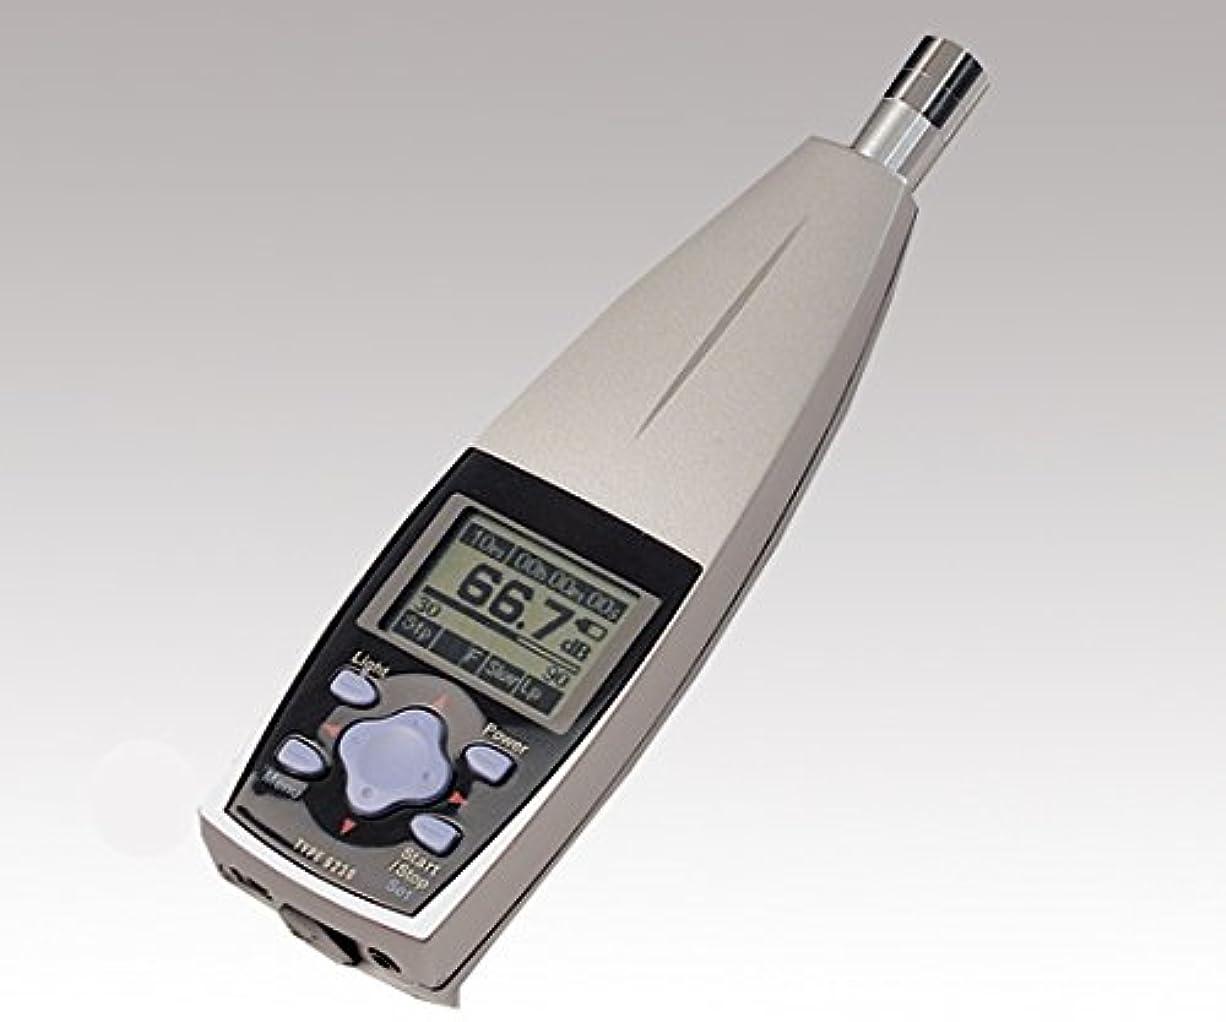 アズワン 普通騒音計 Model4120/2-7461-01